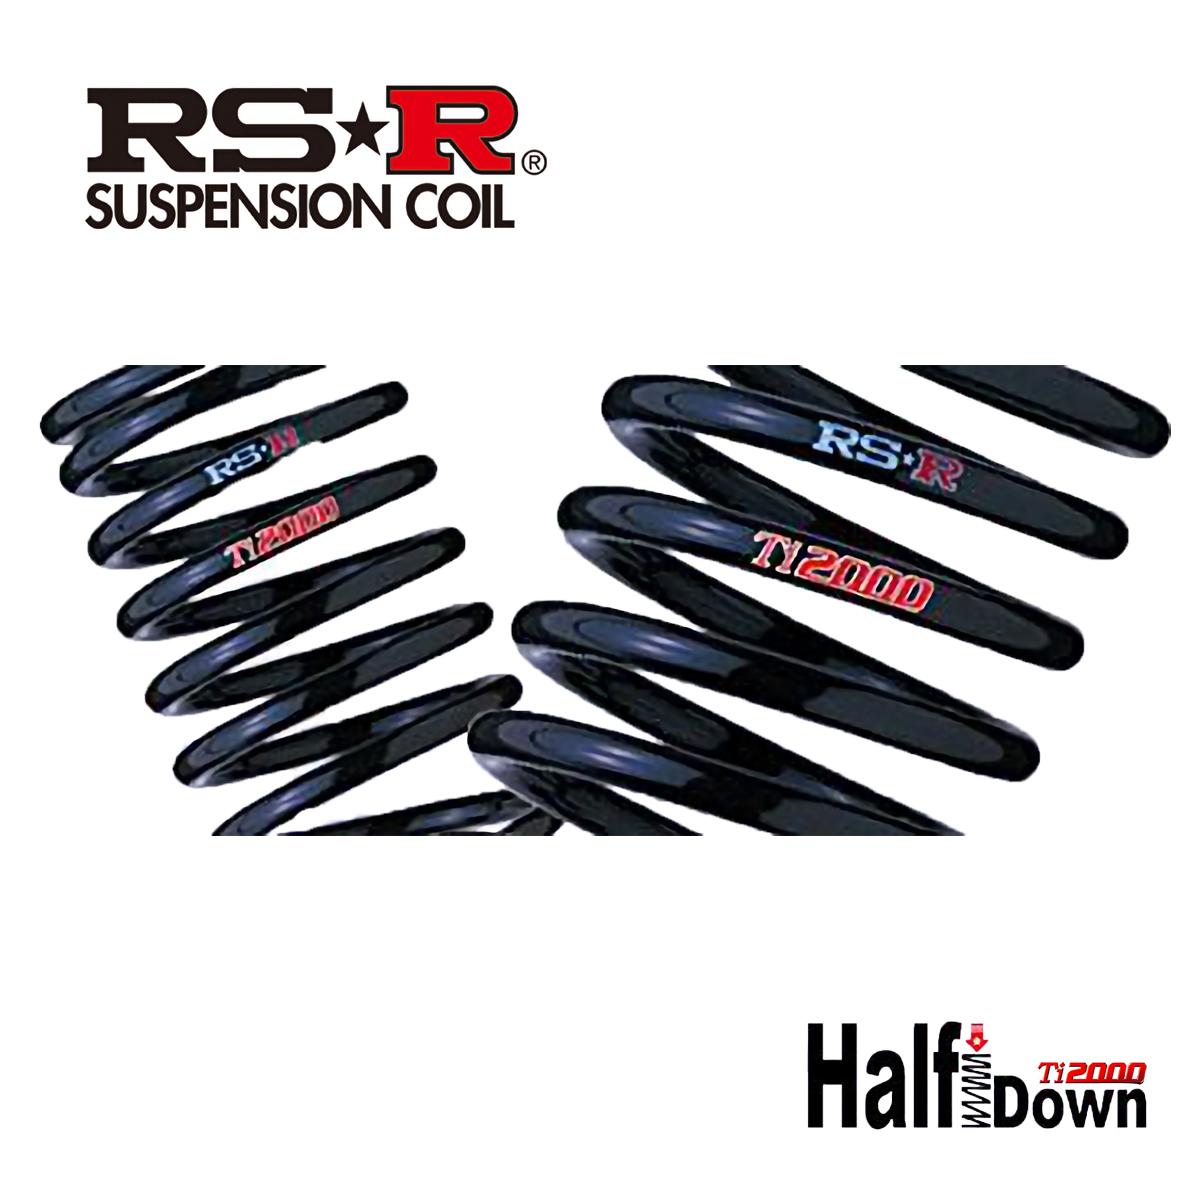 RS-R ムーヴ FF LA150S ダウンサス スプリング フロントのみ D200TDF Ti2000 ダウン RSR 個人宅発送追金有